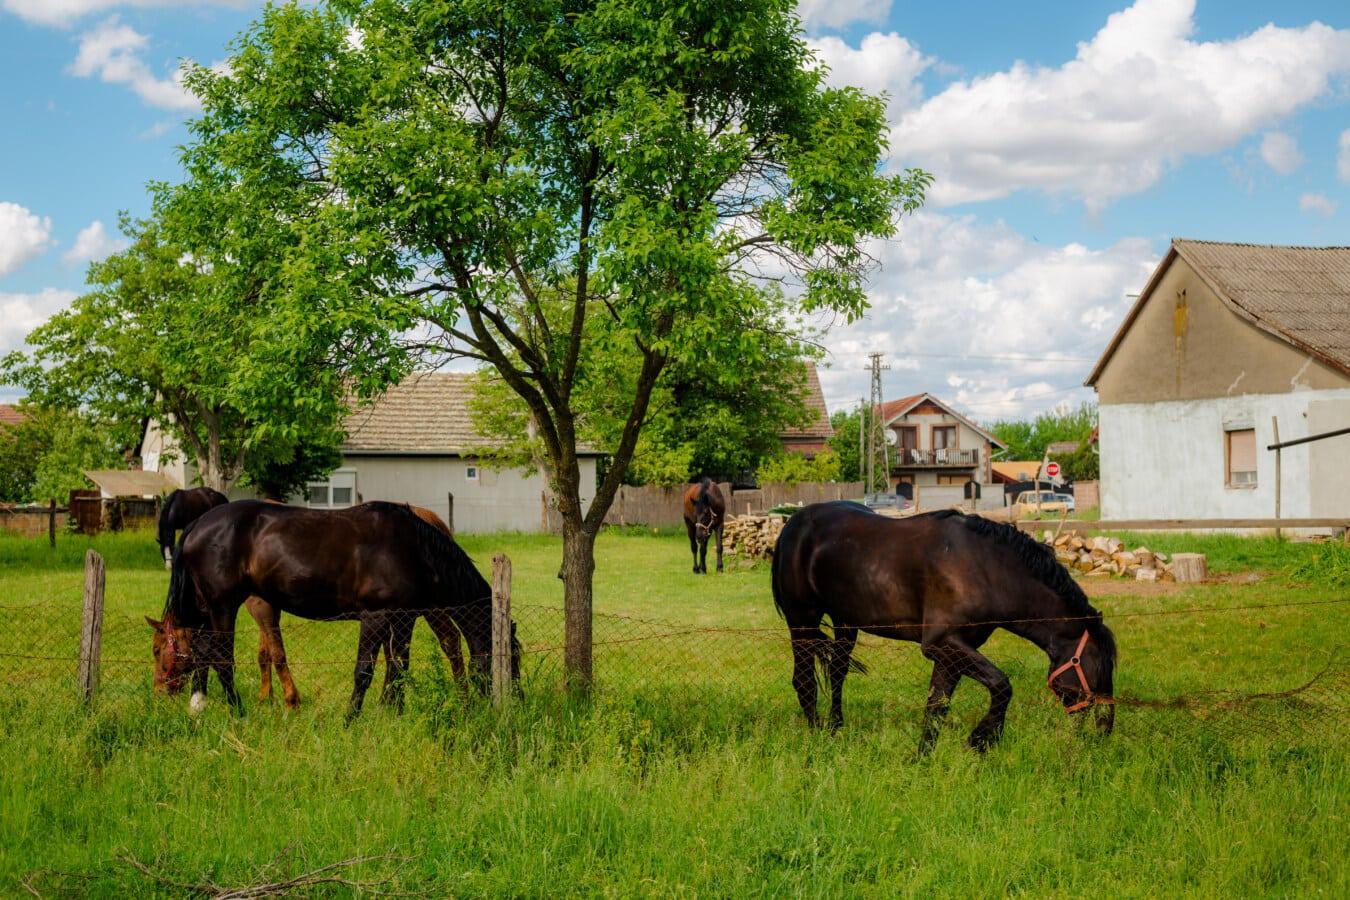 Weiden, Pferde, des ländlichen Raums, Hinterhof, Dorf, Bauernhof, Ranch, Gras, Stute, Pferd